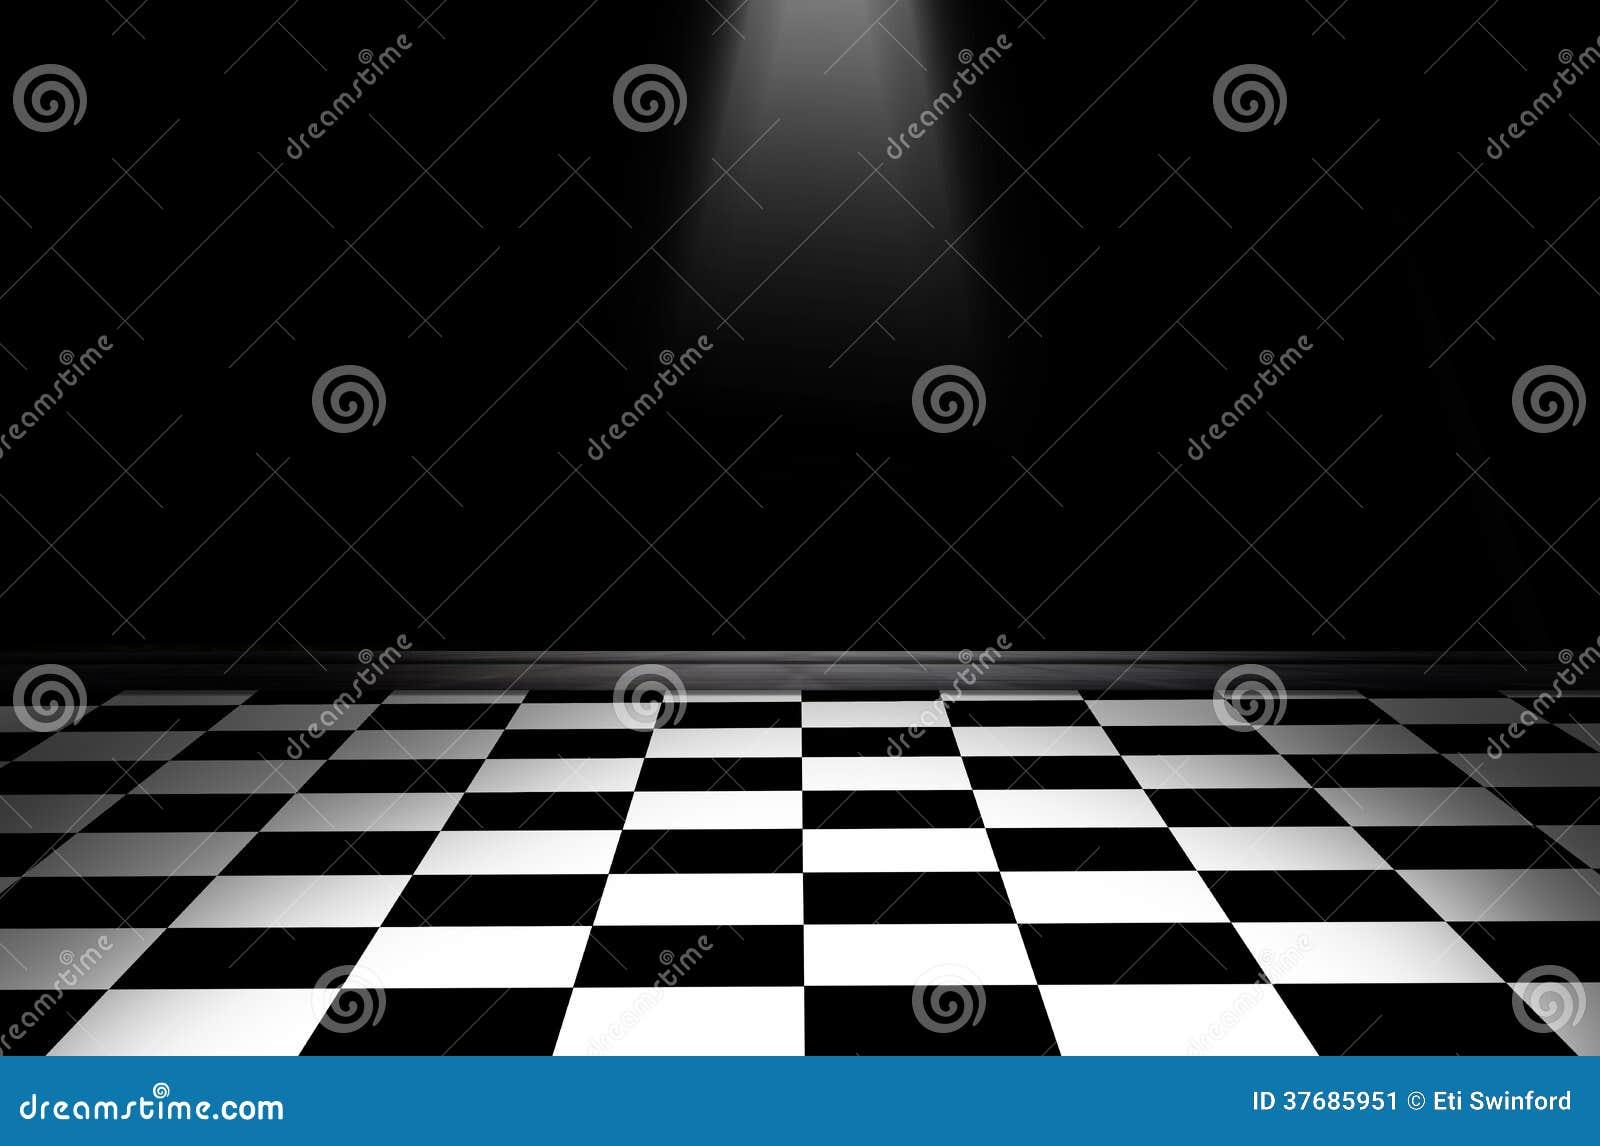 Piso a cuadros blanco y negro imagen de archivo imagen for Cuadros para entradas piso